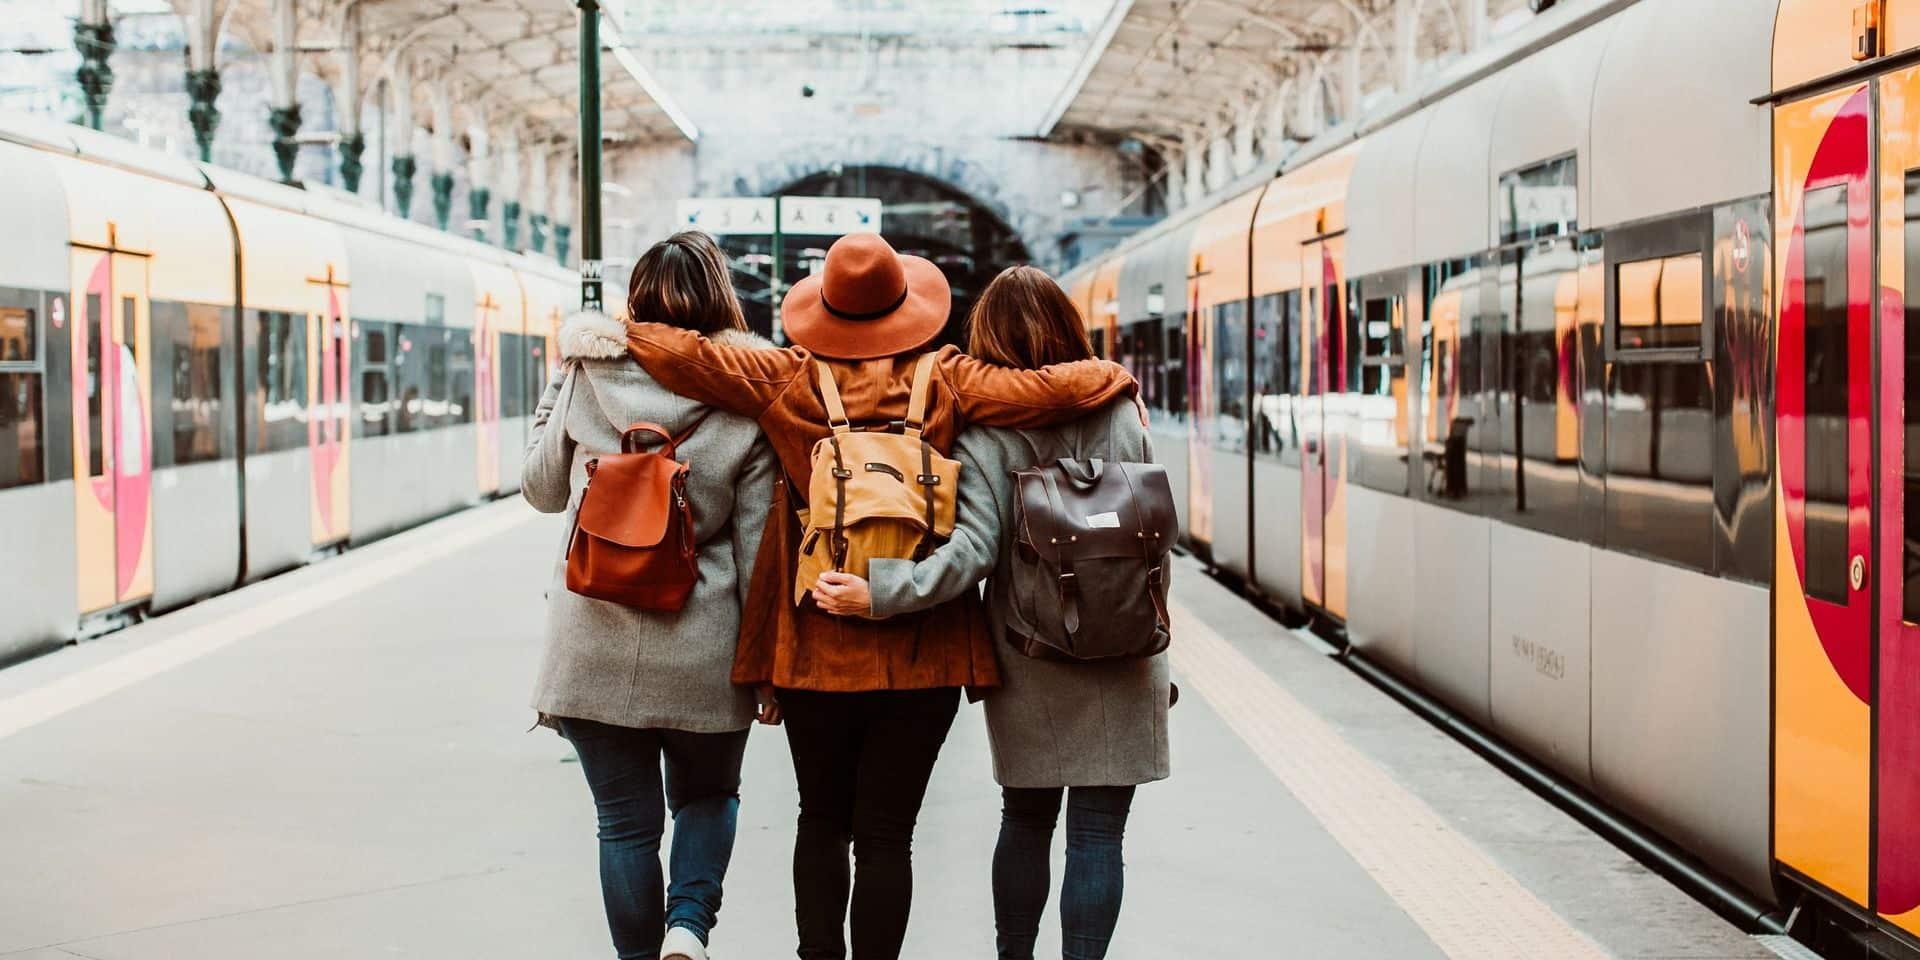 Avec DiscoverEU, l'Europe permet à 60.000 jeunes de voyager gratuitement en train